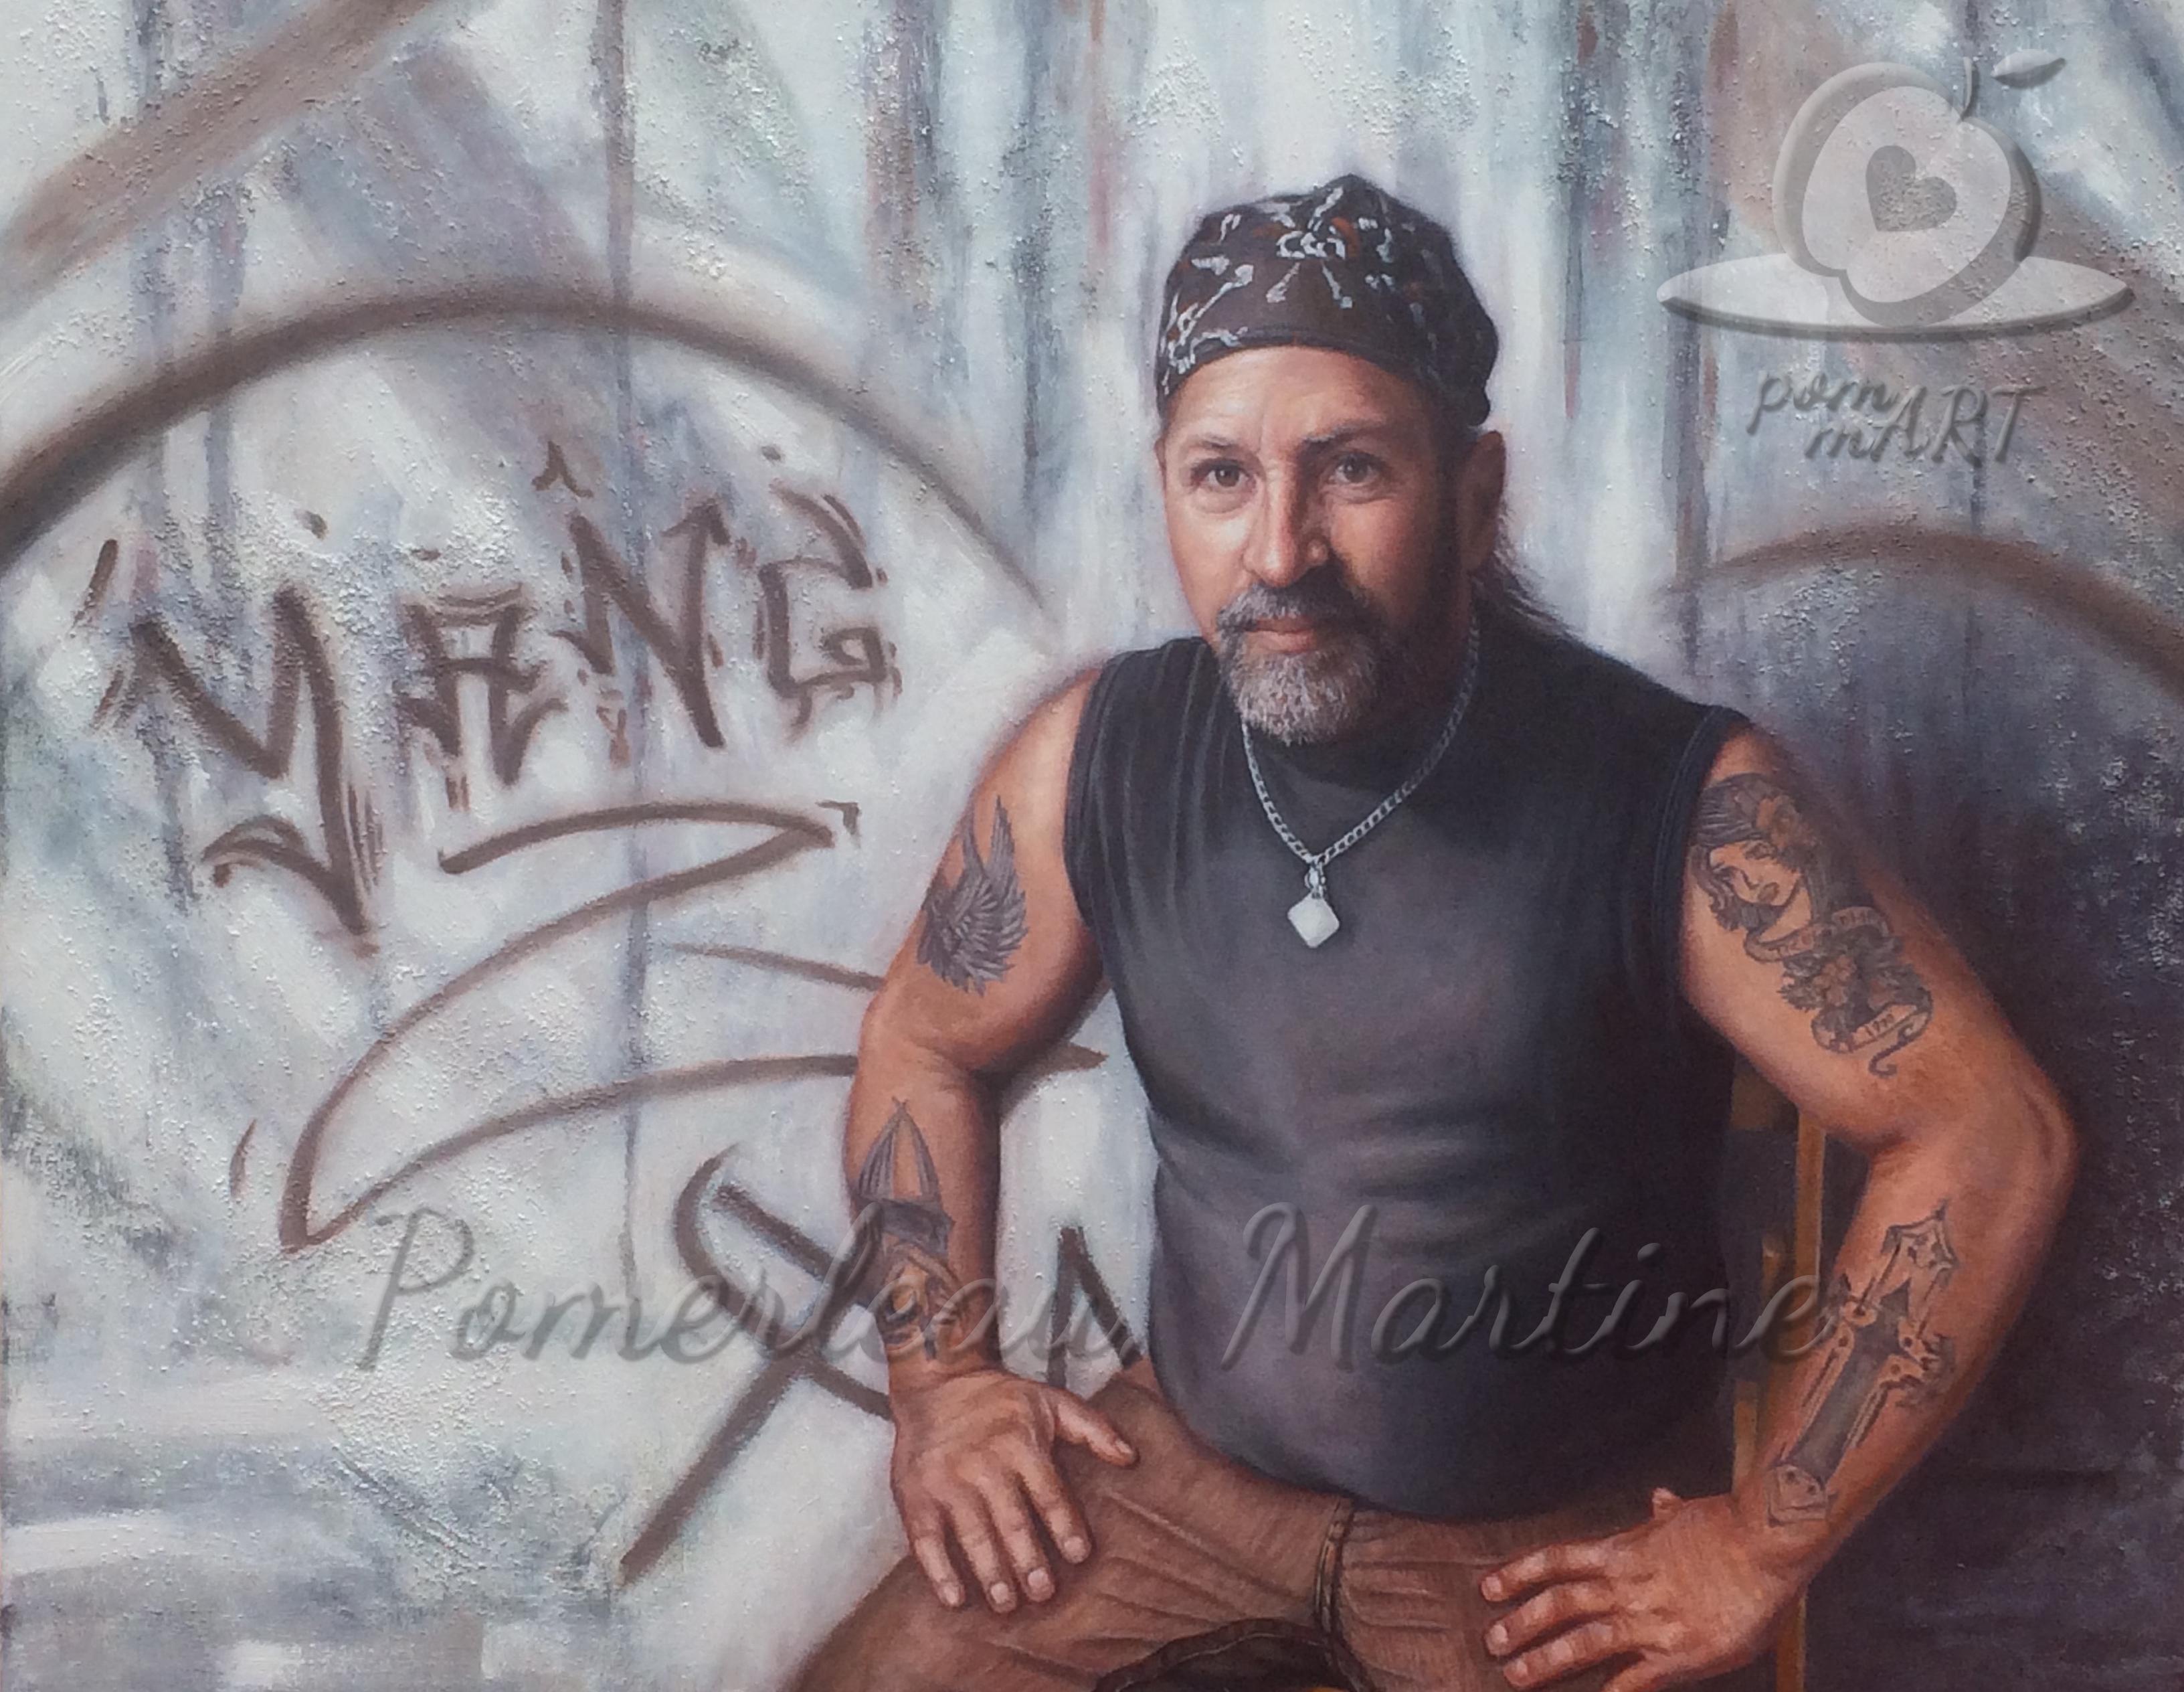 oeuvre peinture portrait Christian ti-cul par PommArt